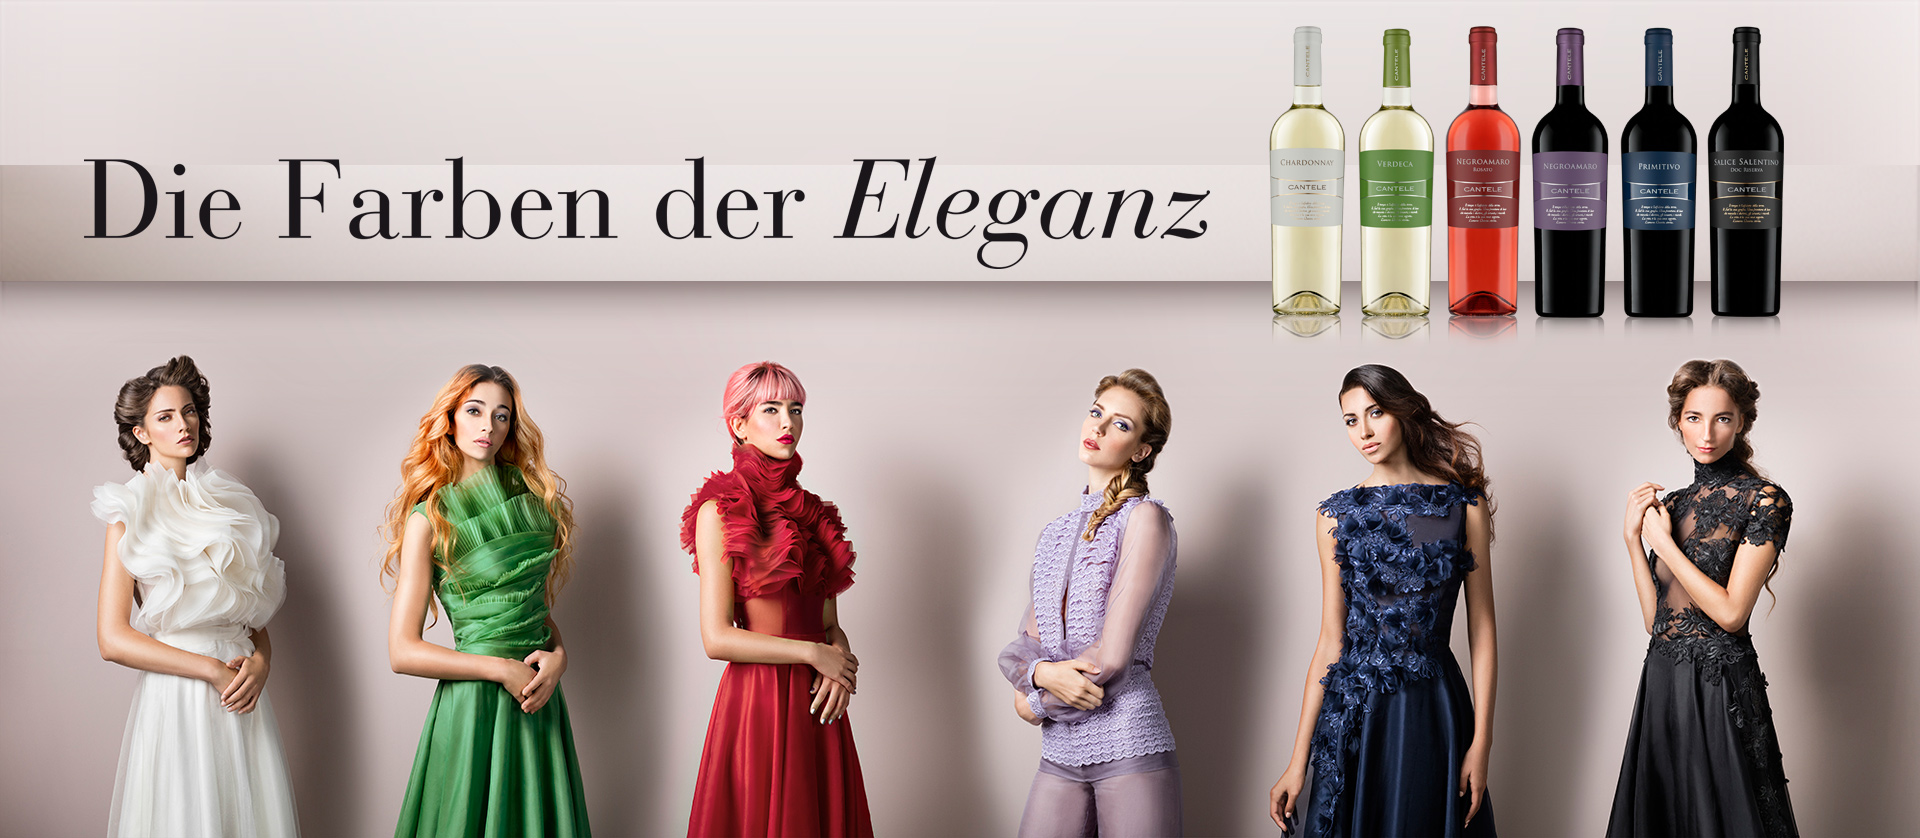 Besuchen Sie unser Weingut